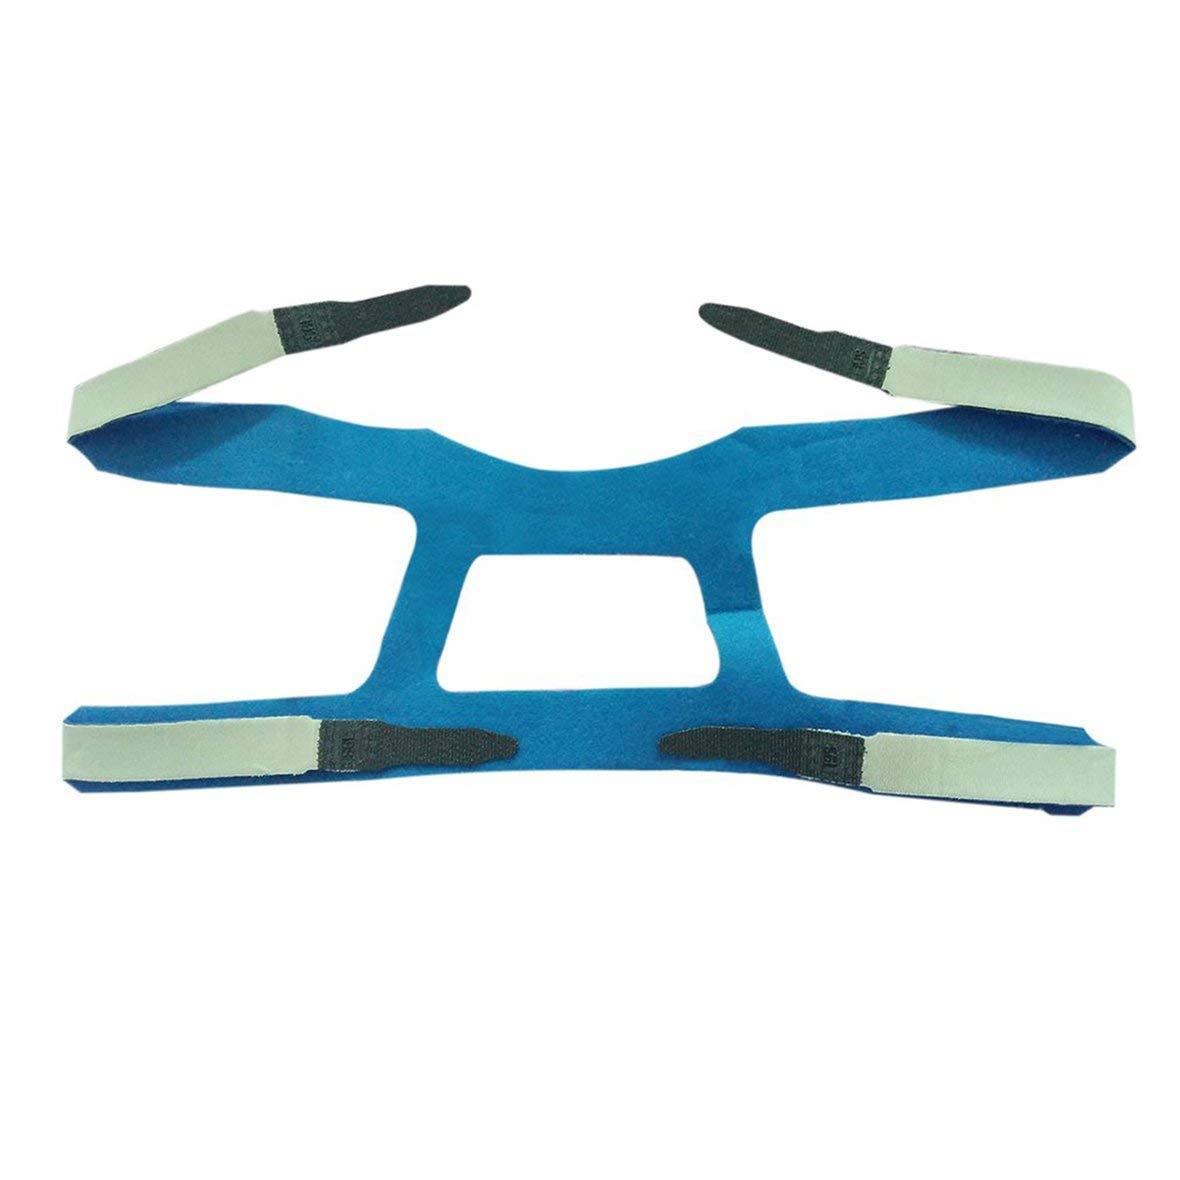 精度スコットランド人シャーロックホームズBlackfell ユニバーサルデザインヘッドギアコンフォートジェルフルマスク安全な環境交換CPAPヘッドバンドなしマスク用PHILPS